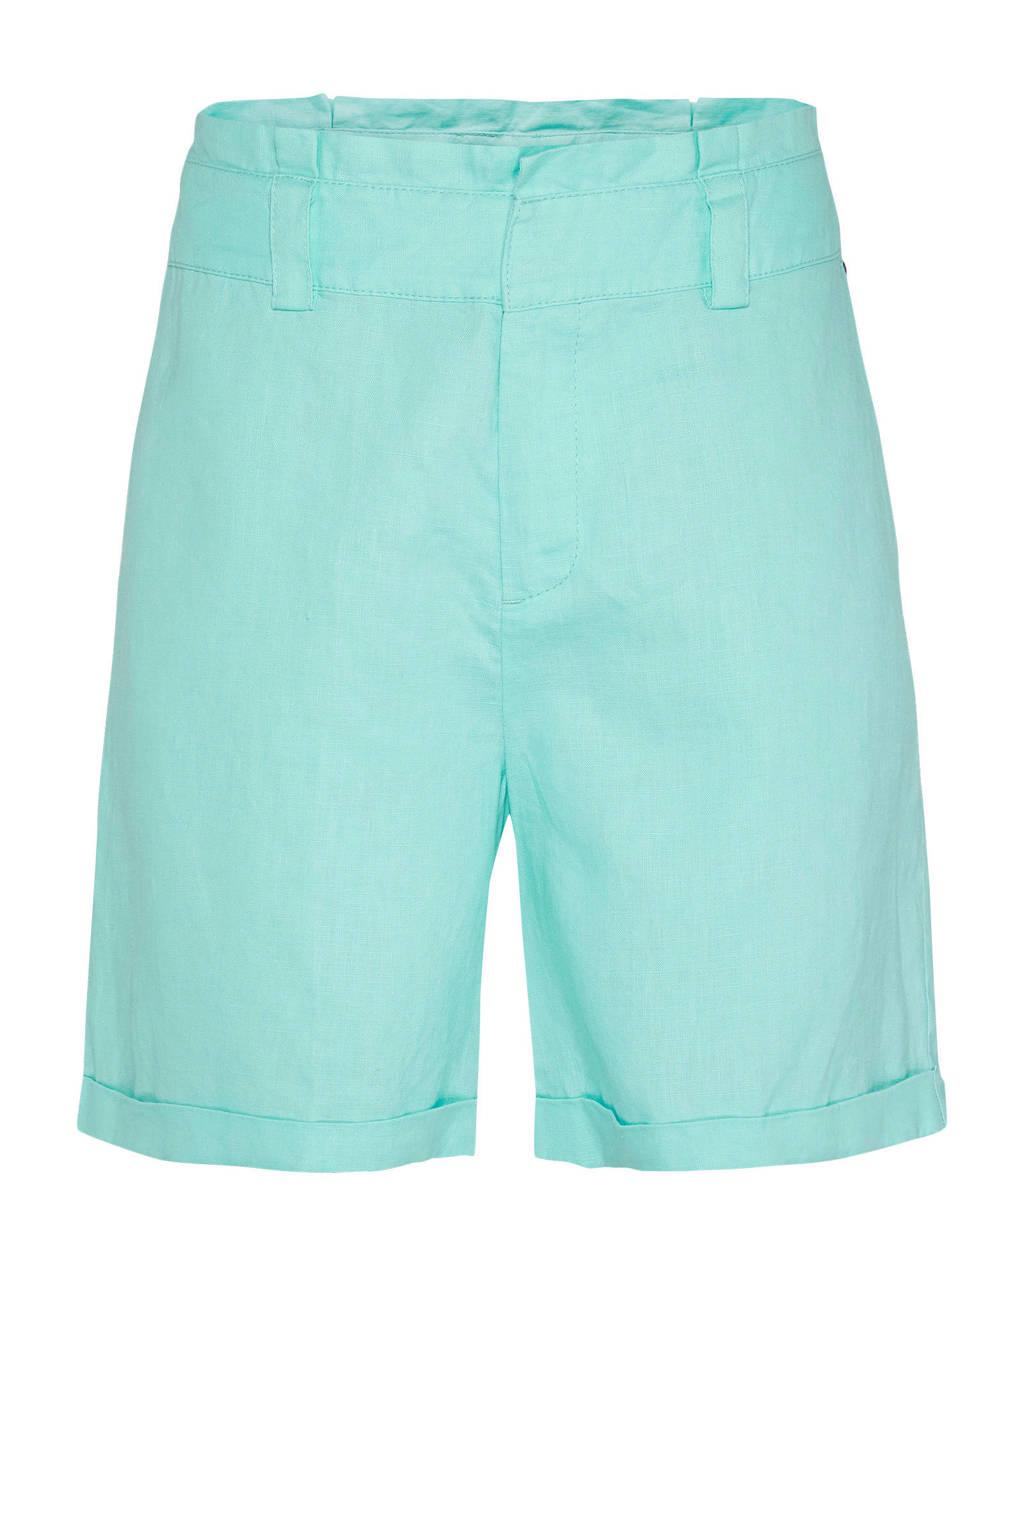 Didi linnen high waist regular fit short blauw, Blauw